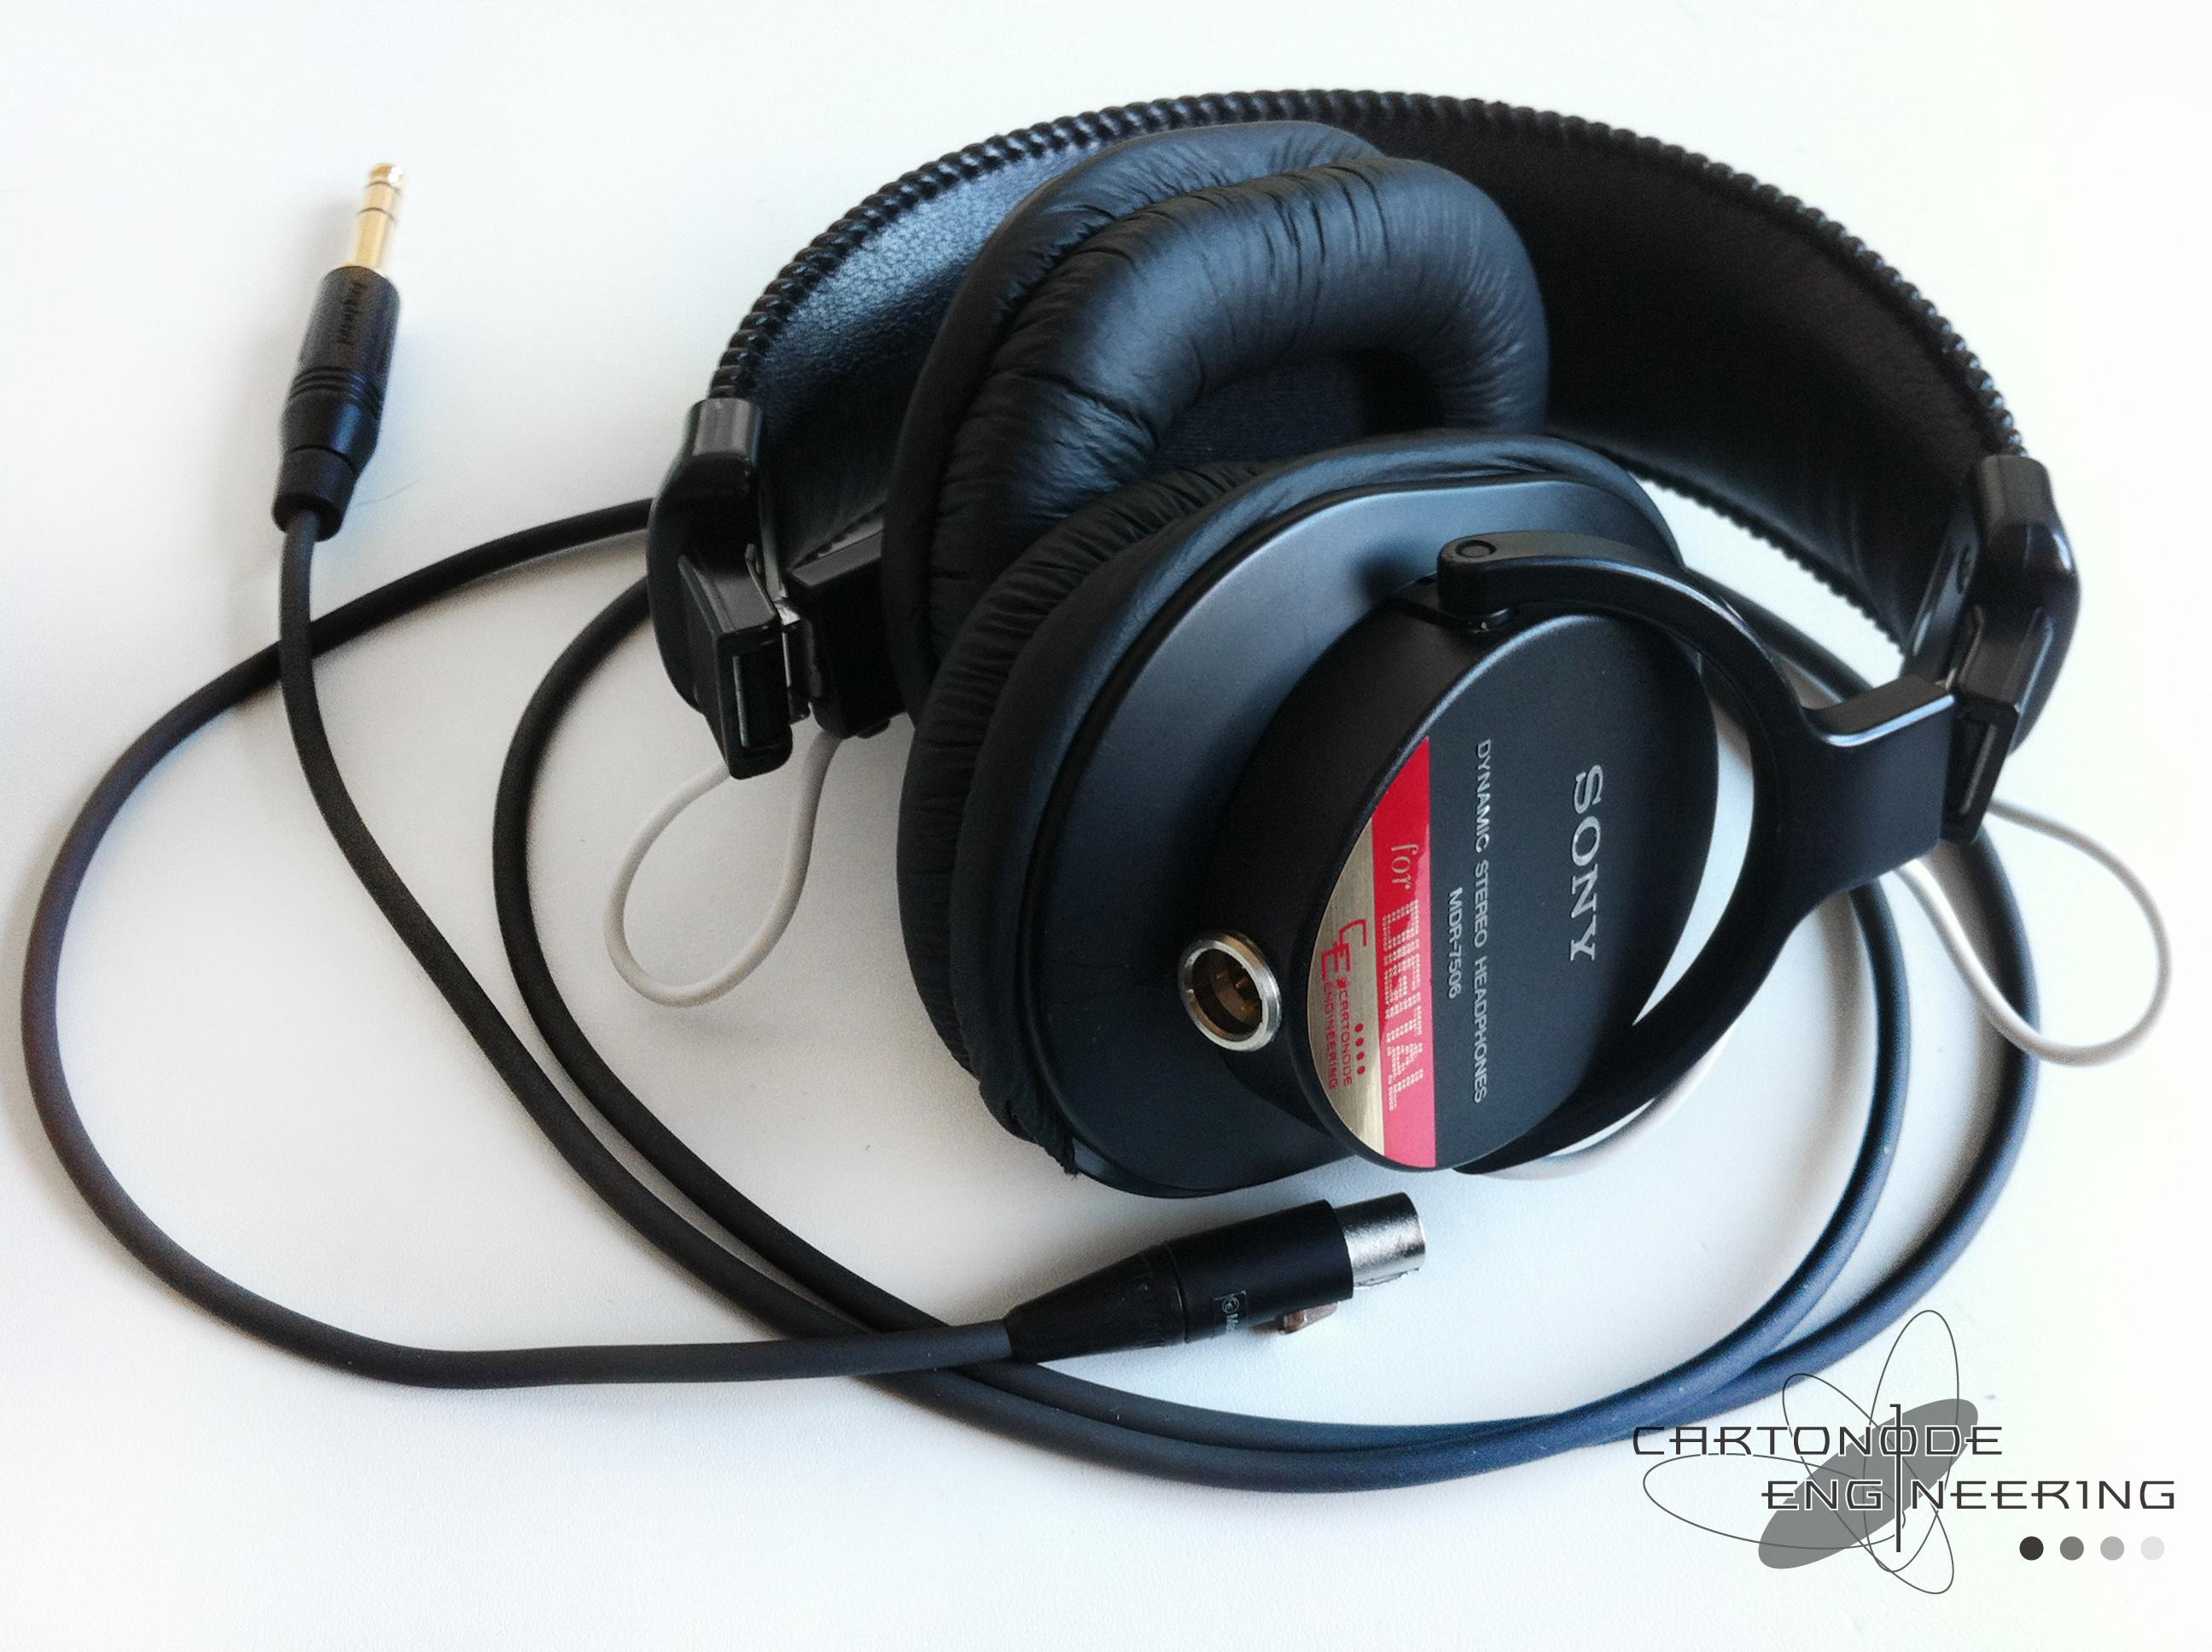 MDR-7506-CEMOD-32_3